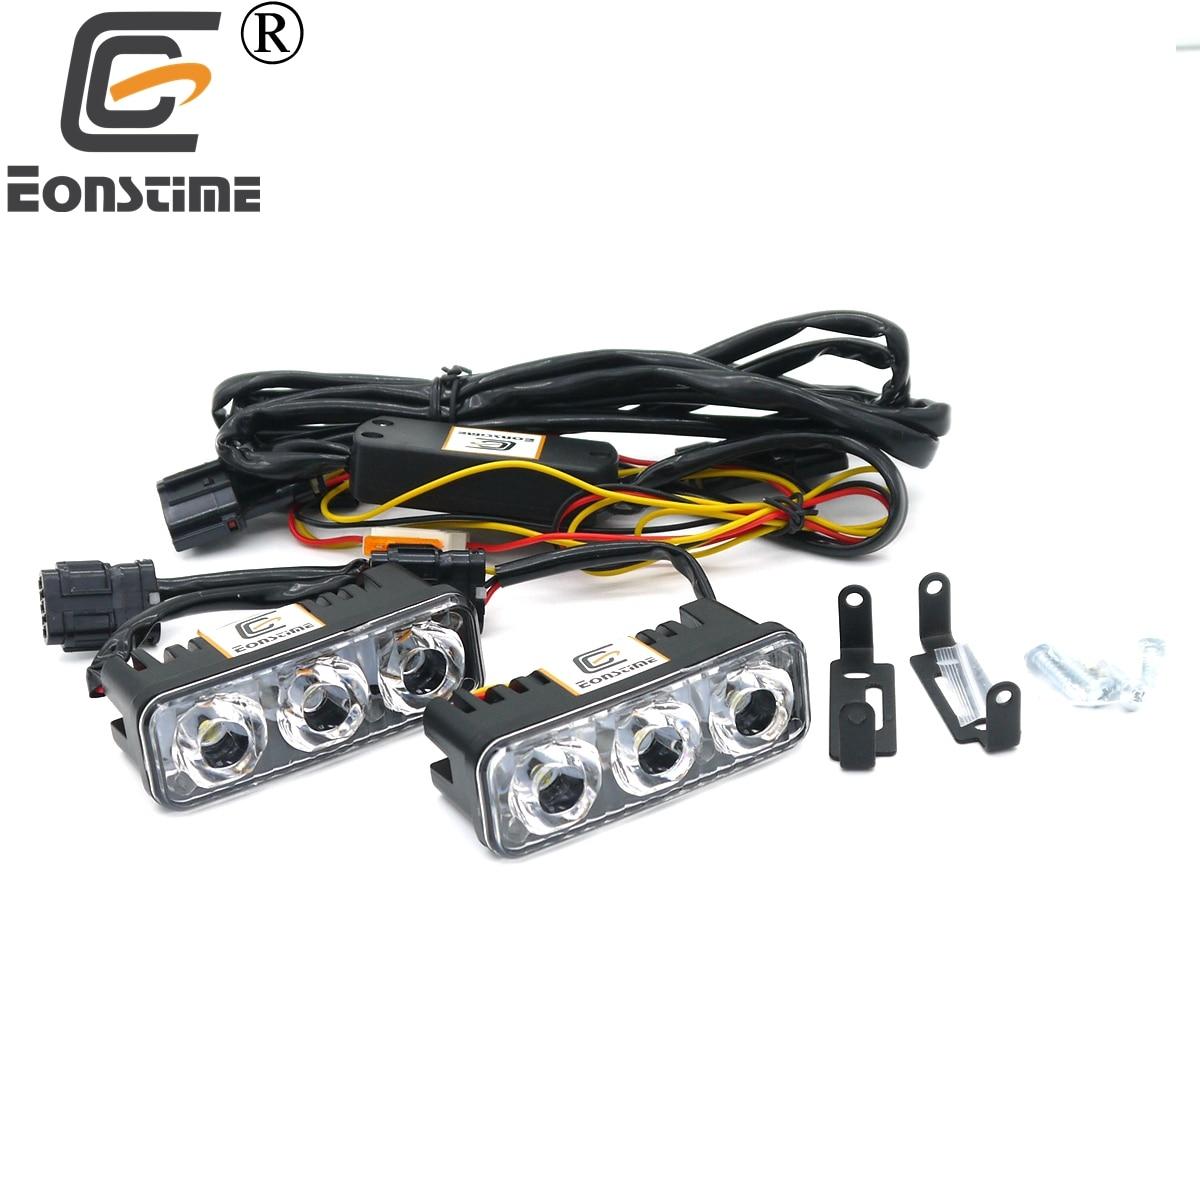 Автомобильные светодиодные дневные ходовые огни Eonstime, водонепроницаемые, 12 В/24 В, с объективом 6000 K, противотуманные фары с высокой мощность...